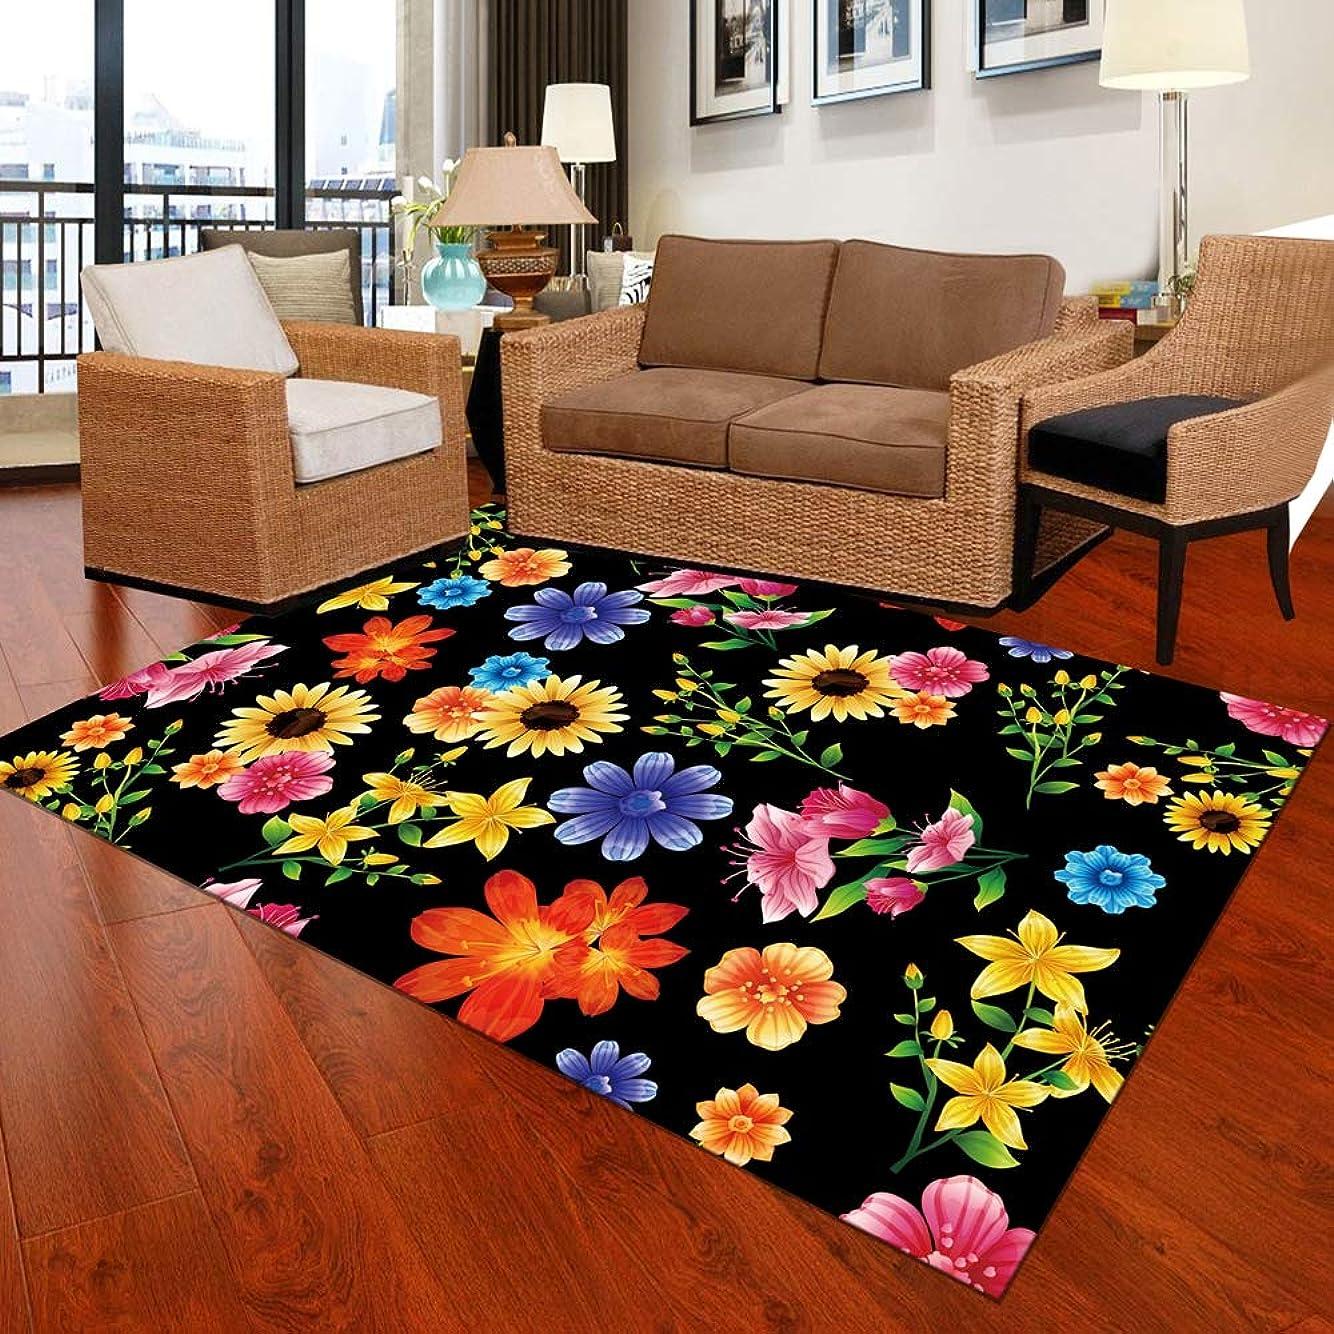 所得強制長椅子1個の寝室のマットの色とりどりの花柄のパーソナライズされた耐久性のあるマット60 x 90センチメートル